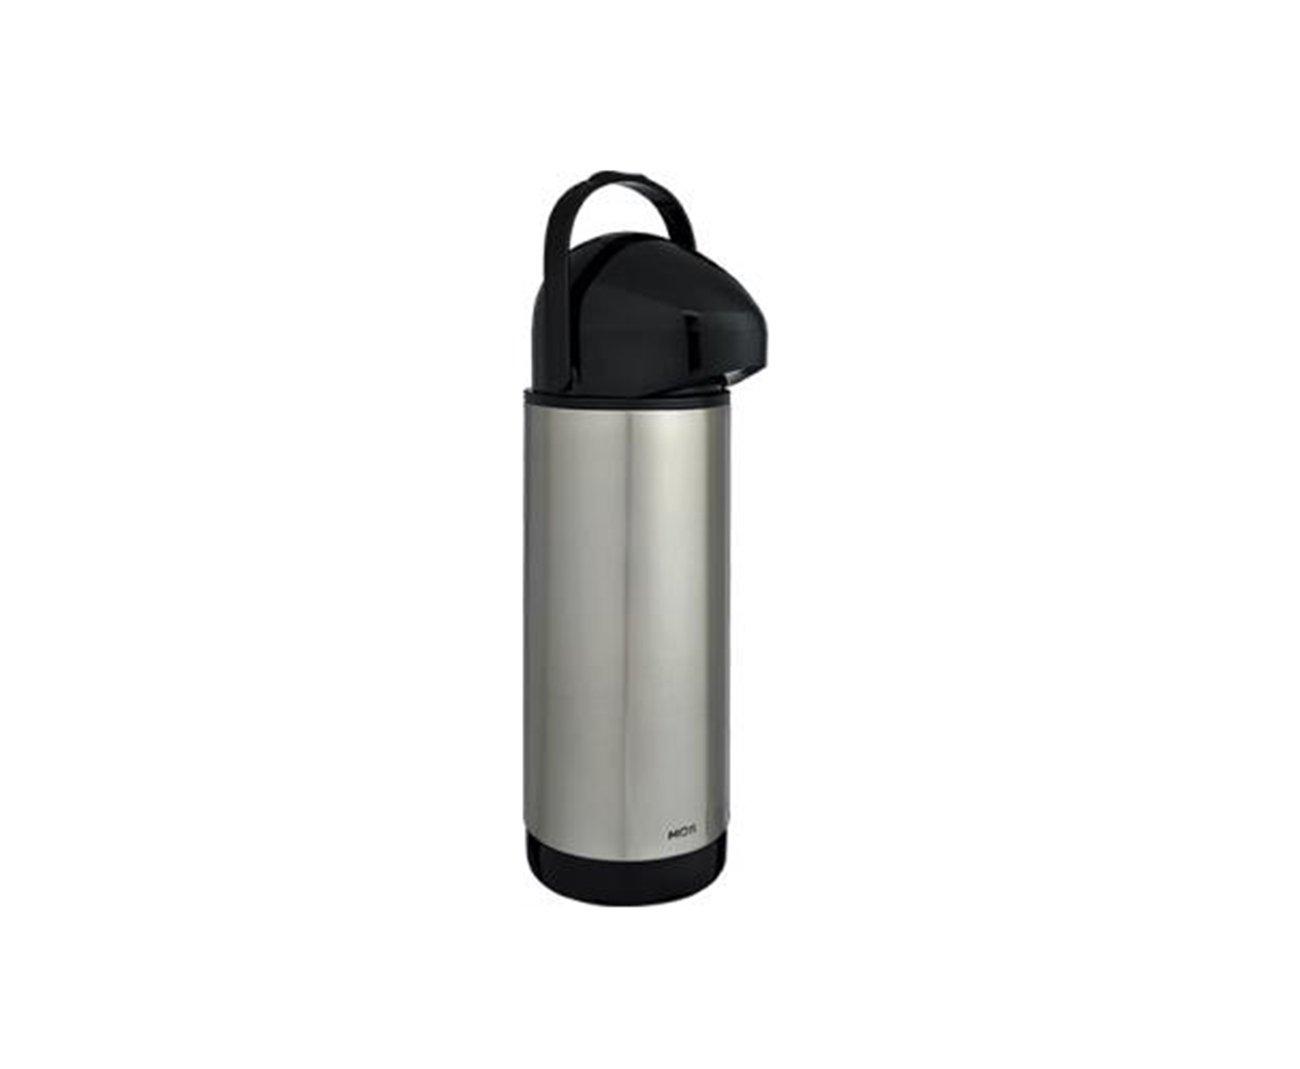 Garrafa Térmica Inox Pressione 1,0 Litro - Mor